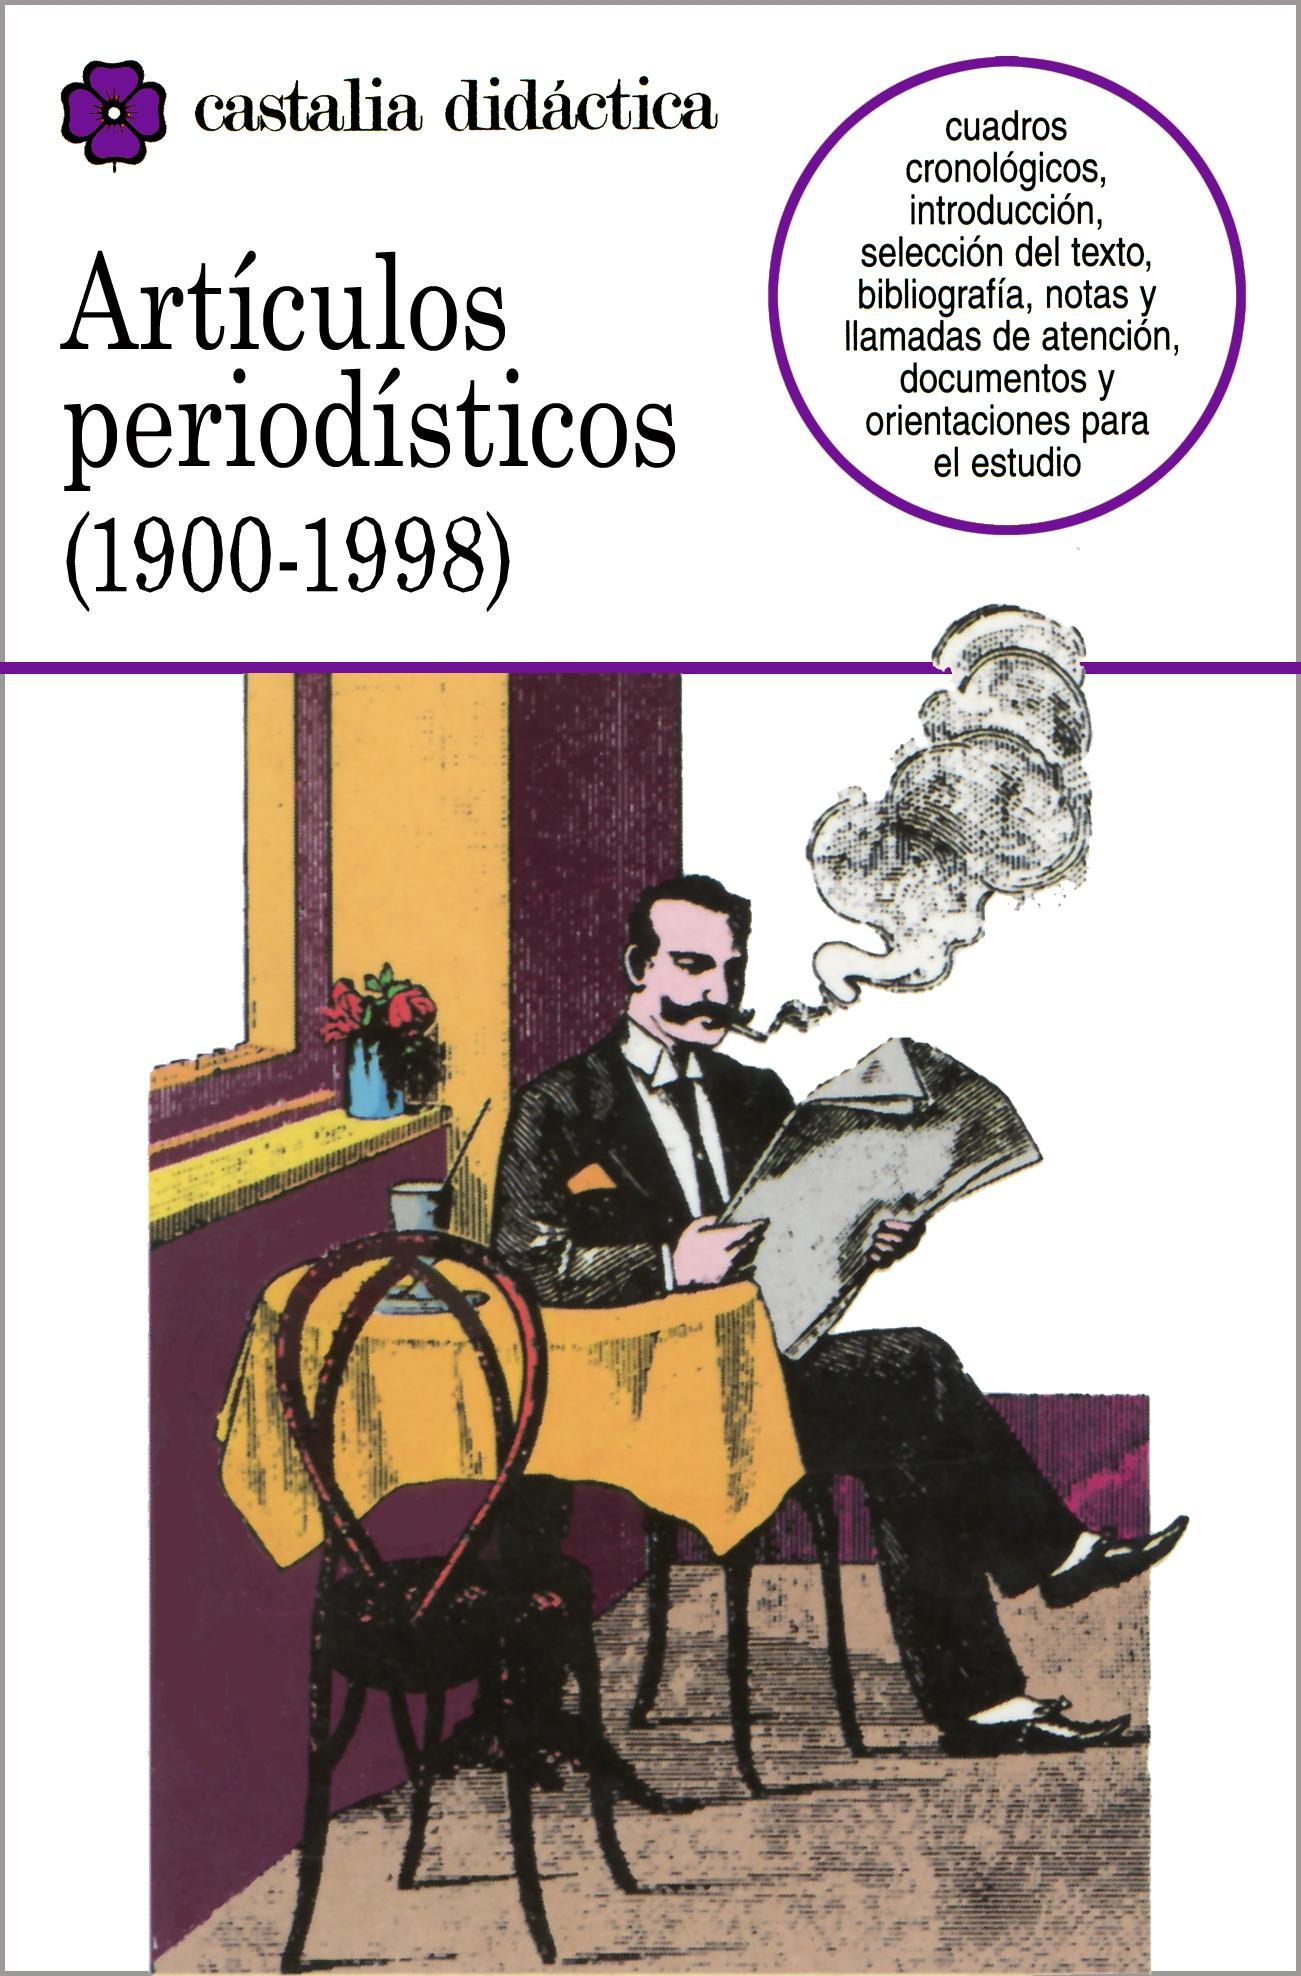 Artículos periodísticos (1900-1998)